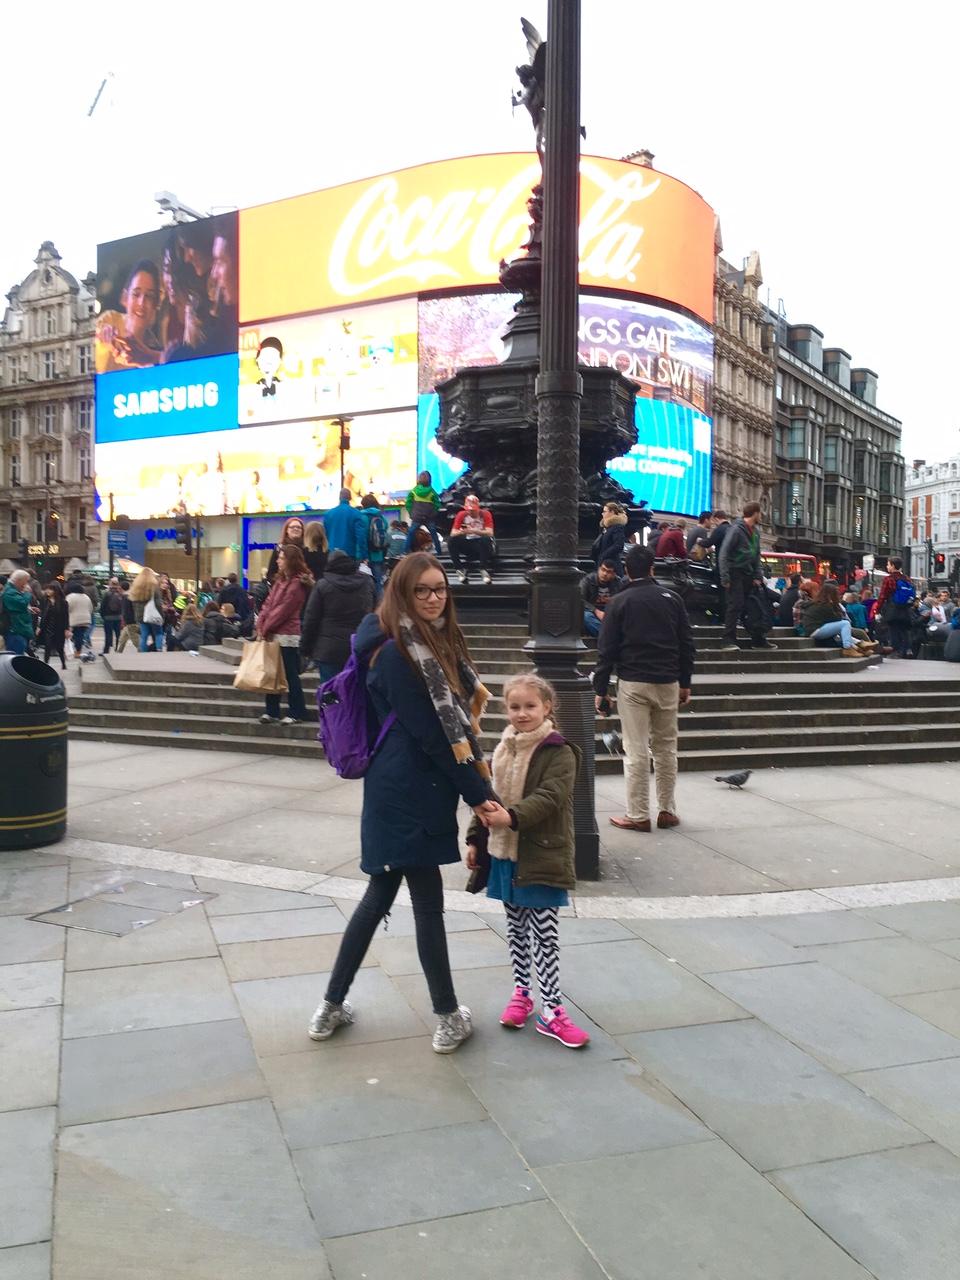 London mit Kindern, London Eye, Berlinmittemom, Reisen mit Kindern, Reiseblogger, Mamablog, Leben mit Kindern, Familienreise